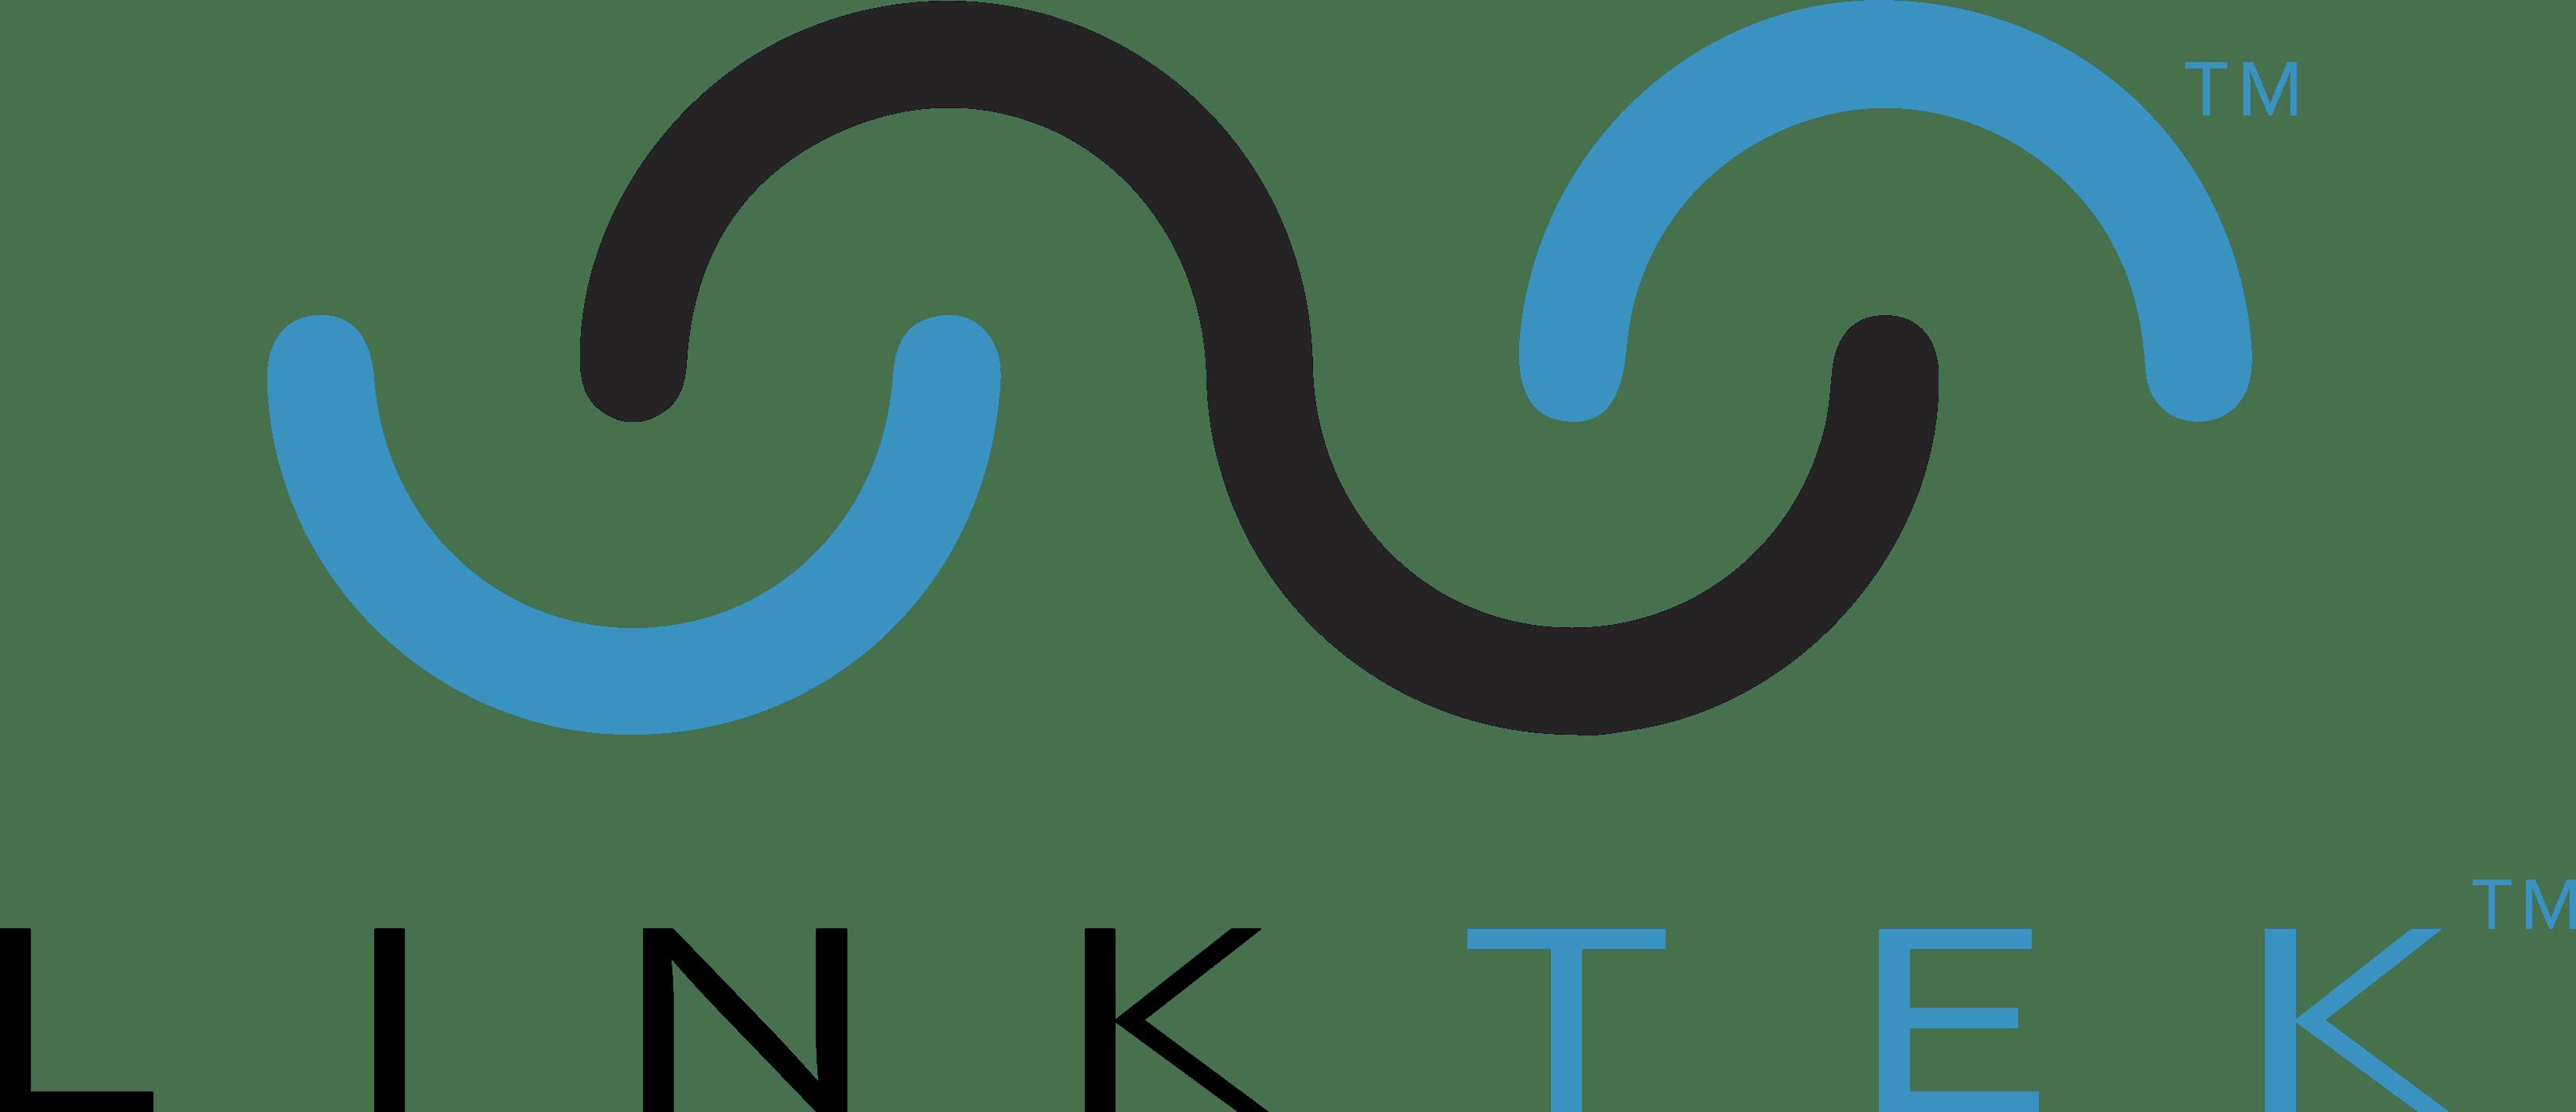 LinkTek-Logo-01 (1)